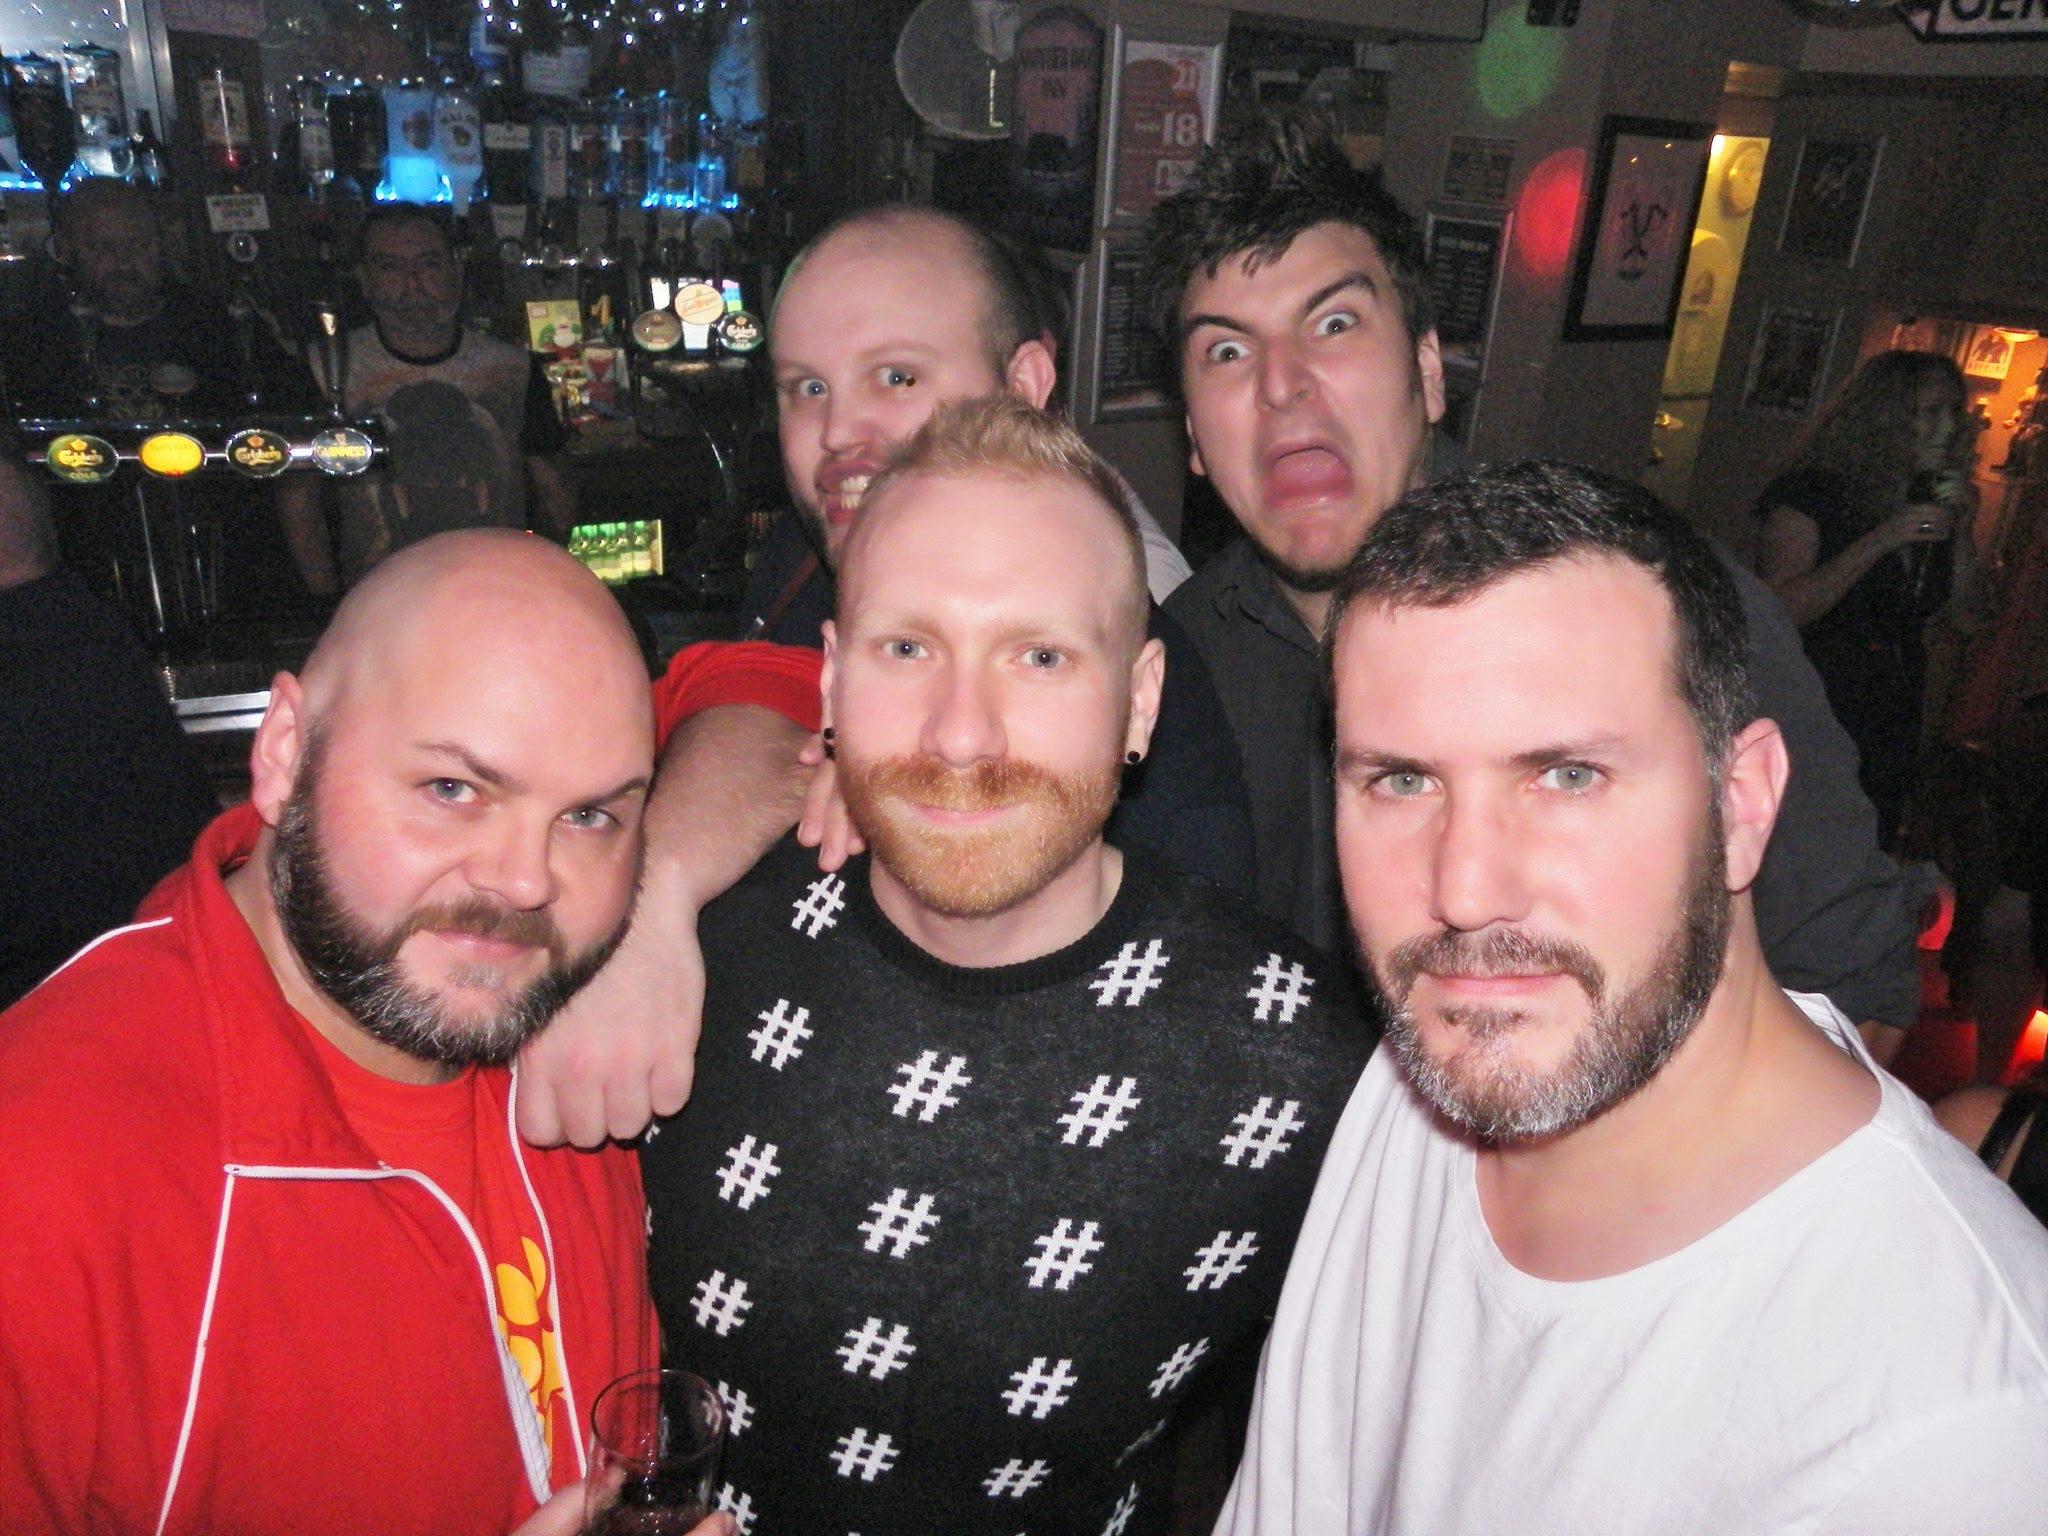 gay clubs bristol